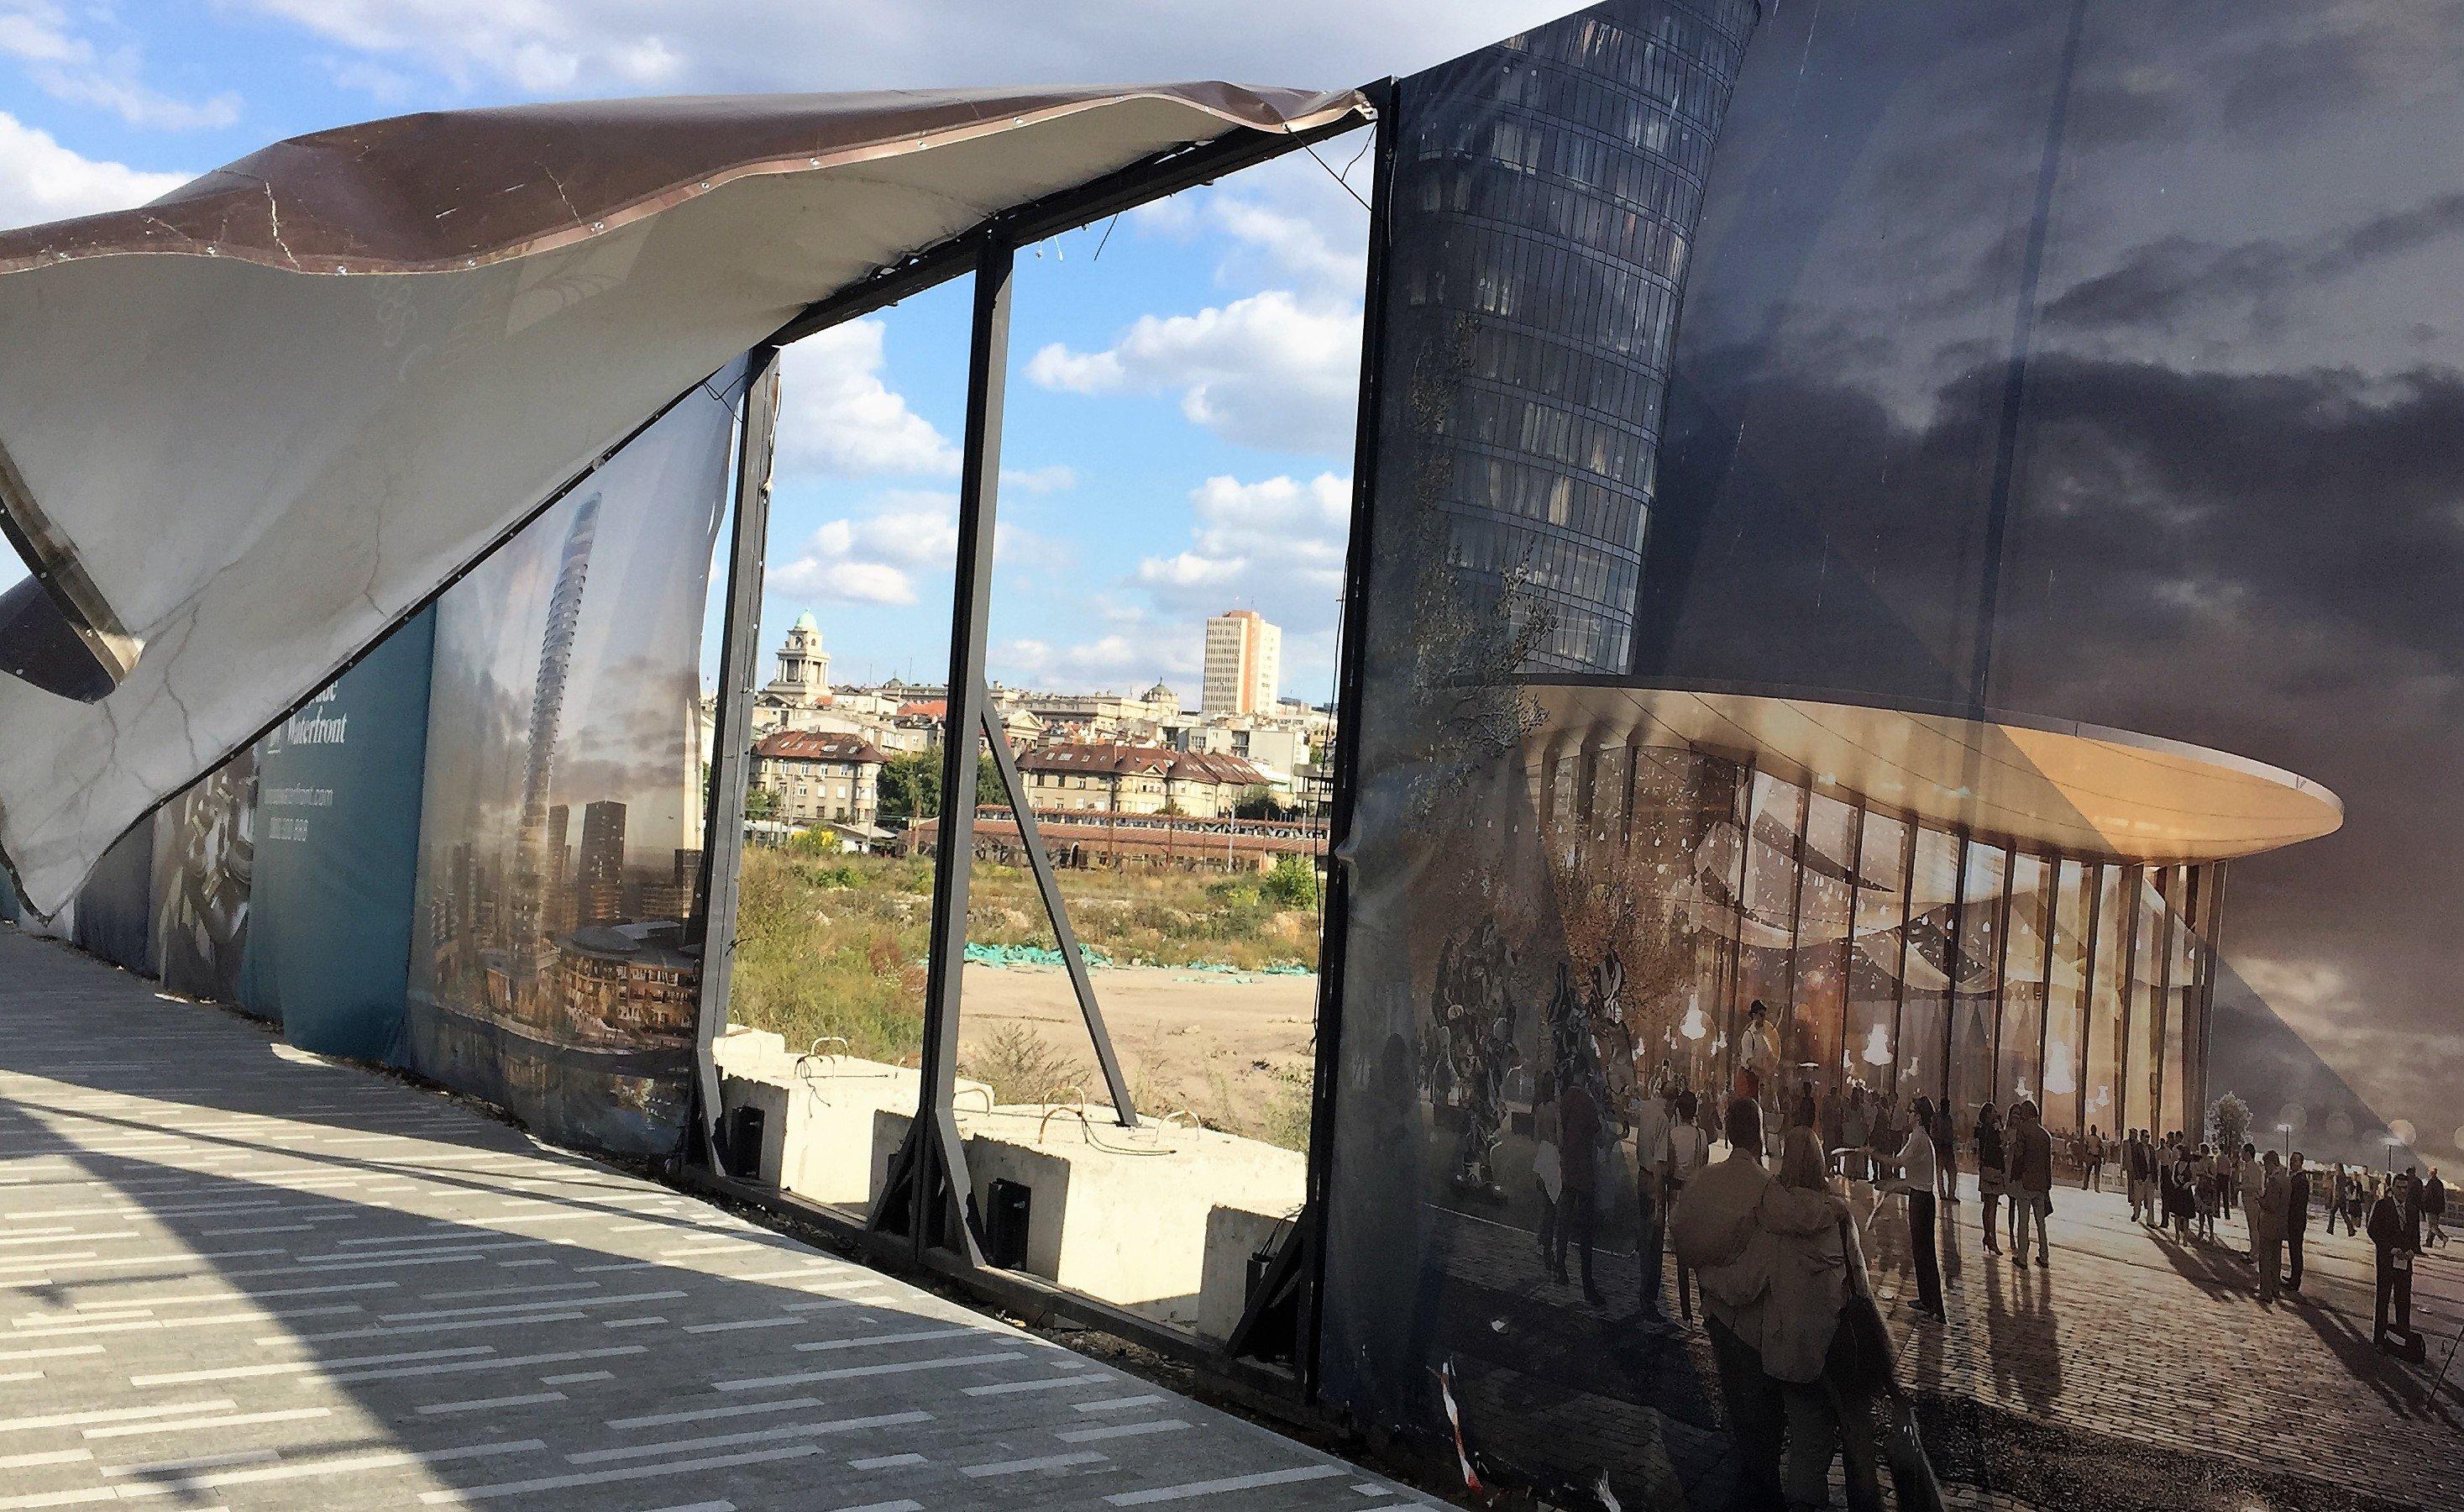 Freitag, 29.9, 15.24 Uhr: Belgrad Waterfront – arabische Investoren bauen Stadtteil.